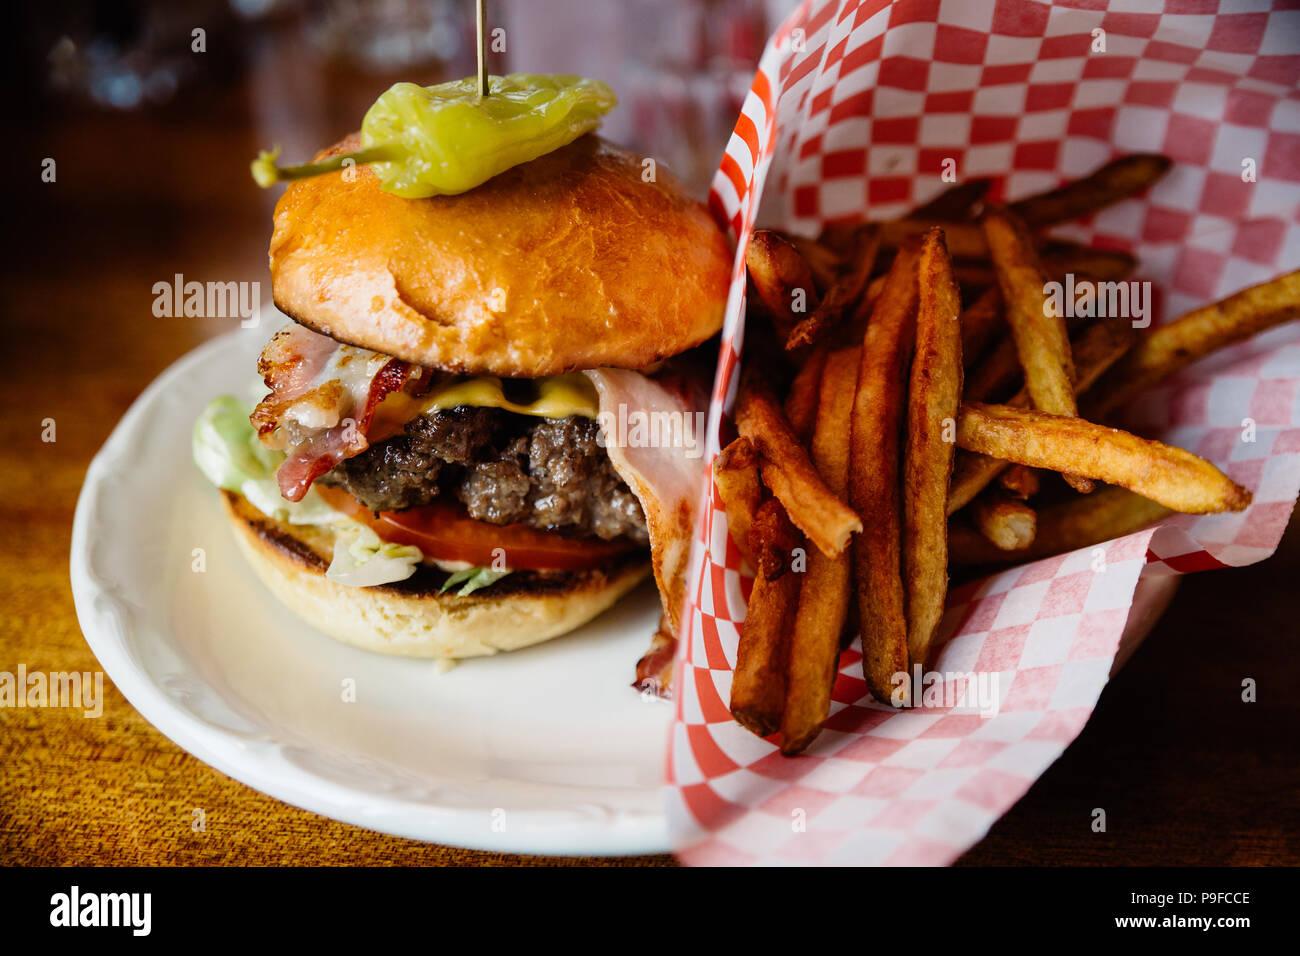 Hamburguesa con tocino, queso y pimienta jalapeño y papas fritas en el lateral. Foto de stock